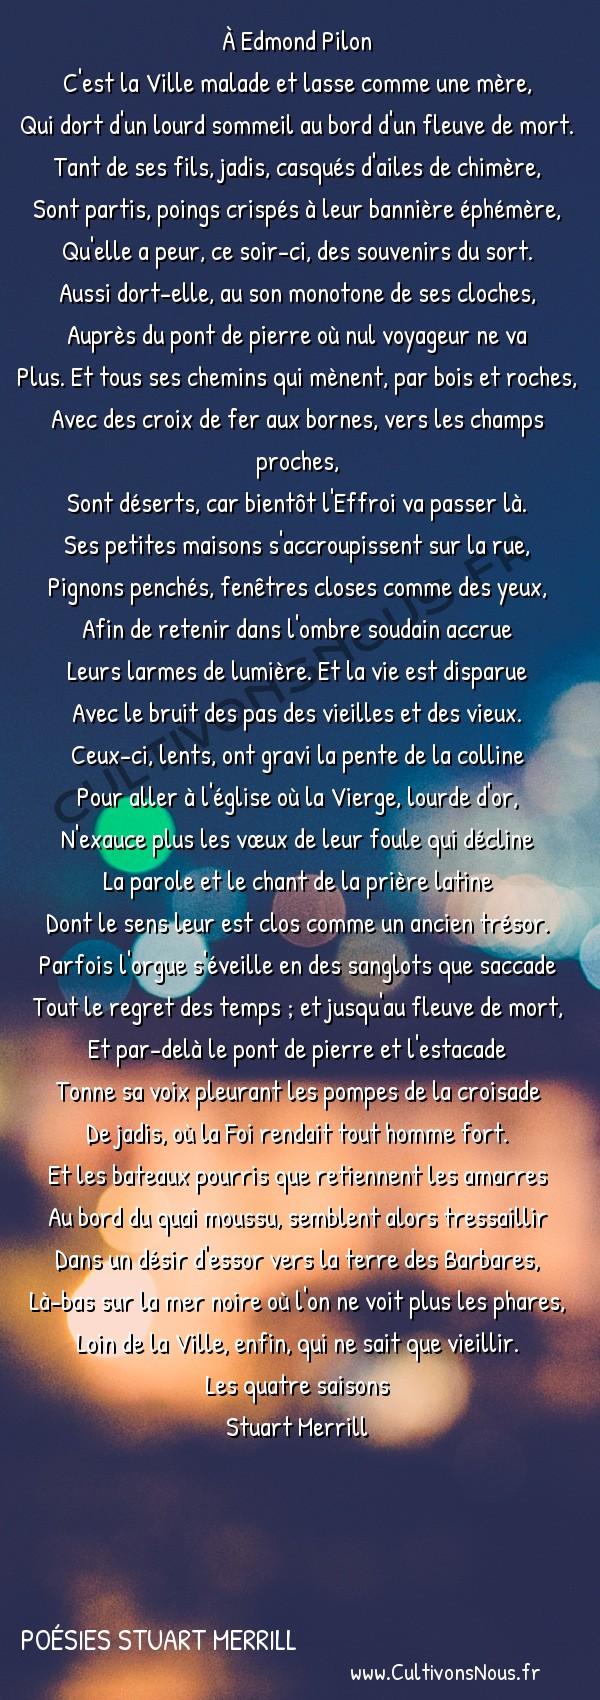 Poésies Stuart Merrill - Les Quatre saisons - La Ville moribonde -  À Edmond Pilon C'est la Ville malade et lasse comme une mère,